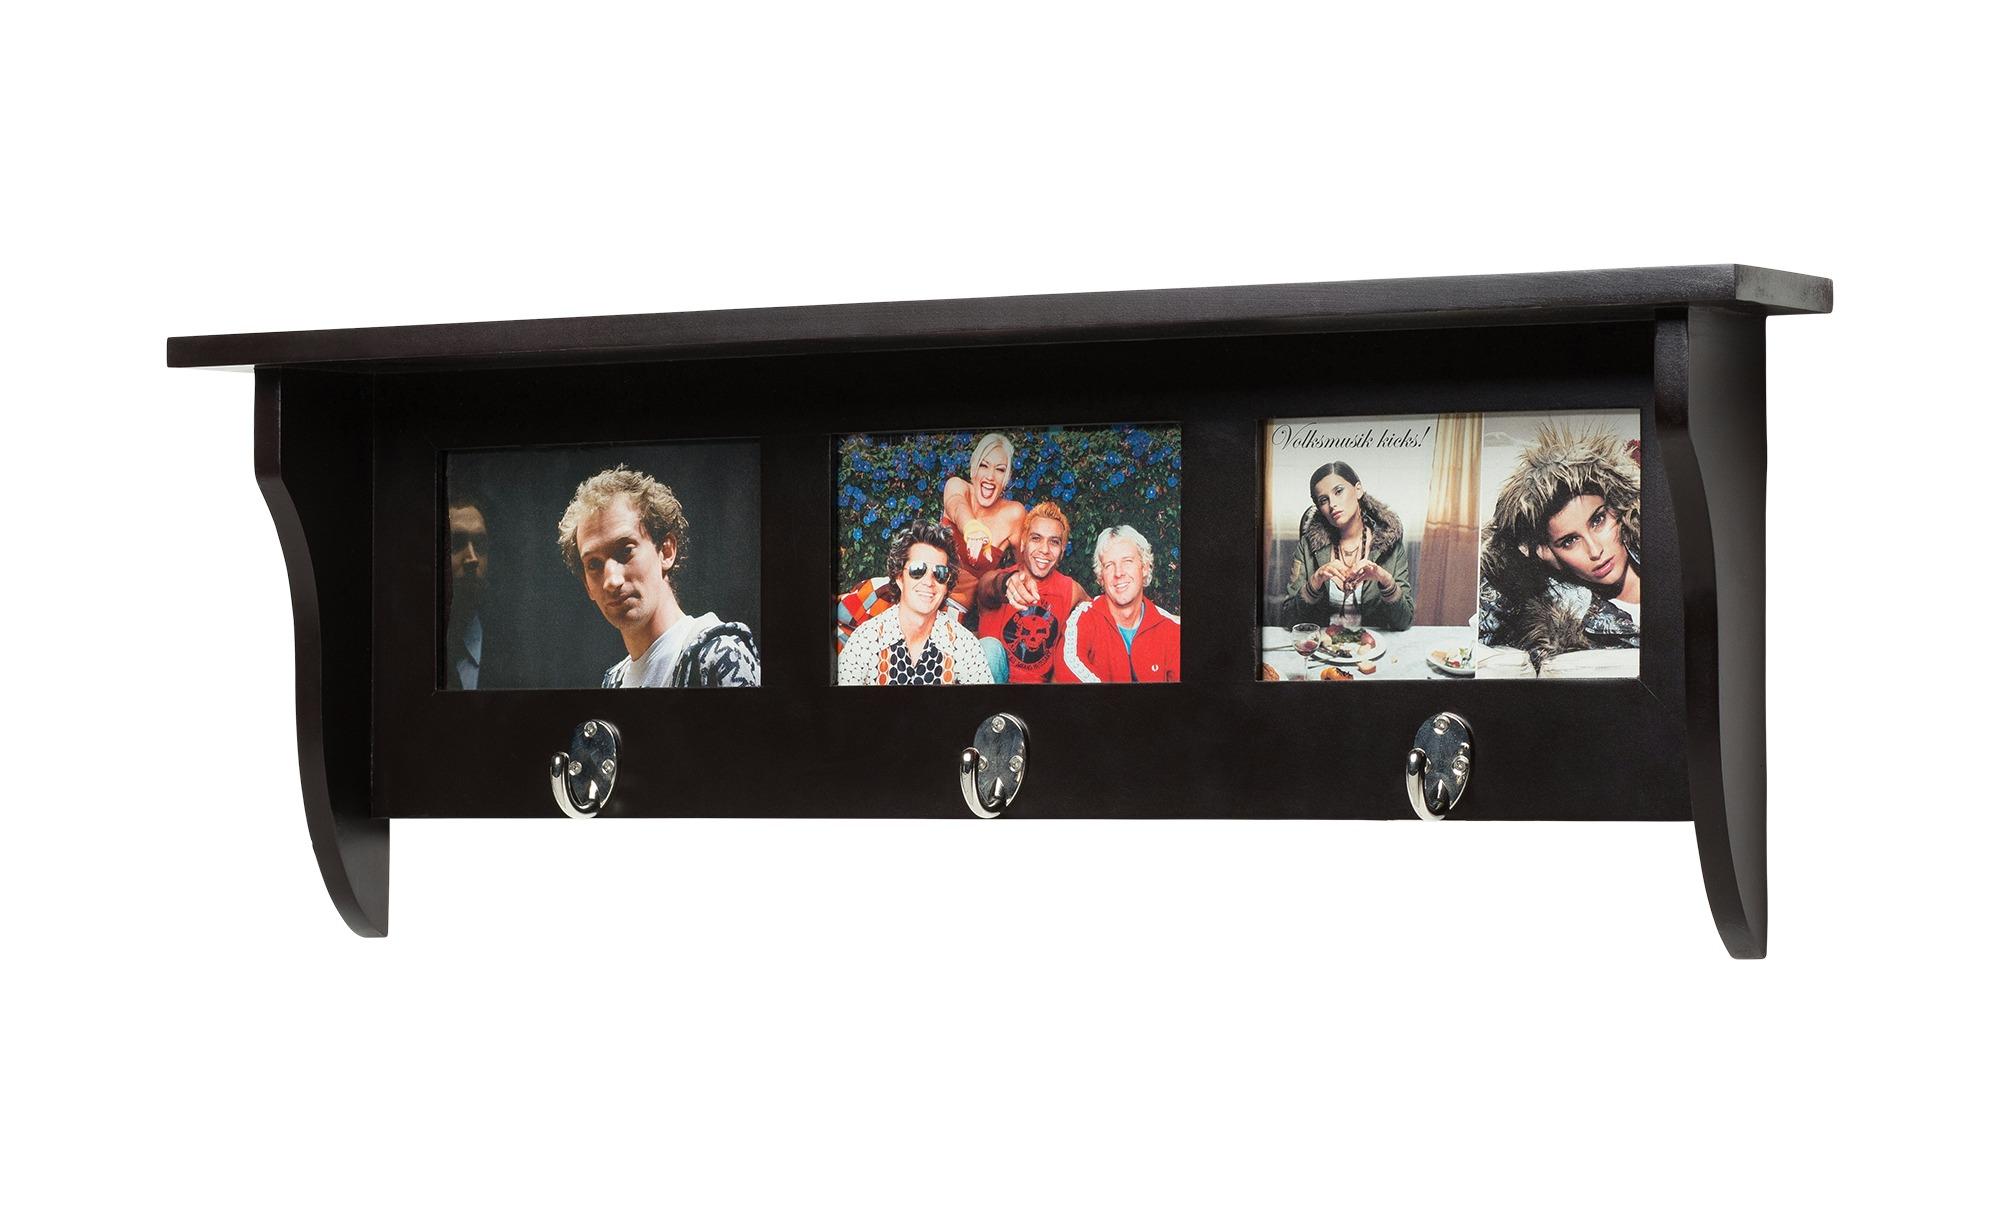 Love it Garderobe mit Bilderrahmen - schwarz - 62 cm - 23,5 cm - 10 cm - Garderoben & Kleiderstangen > Wandgarderoben - Möbel Kraft | Dekoration > Bilder und Rahmen > Rahmen | Love it